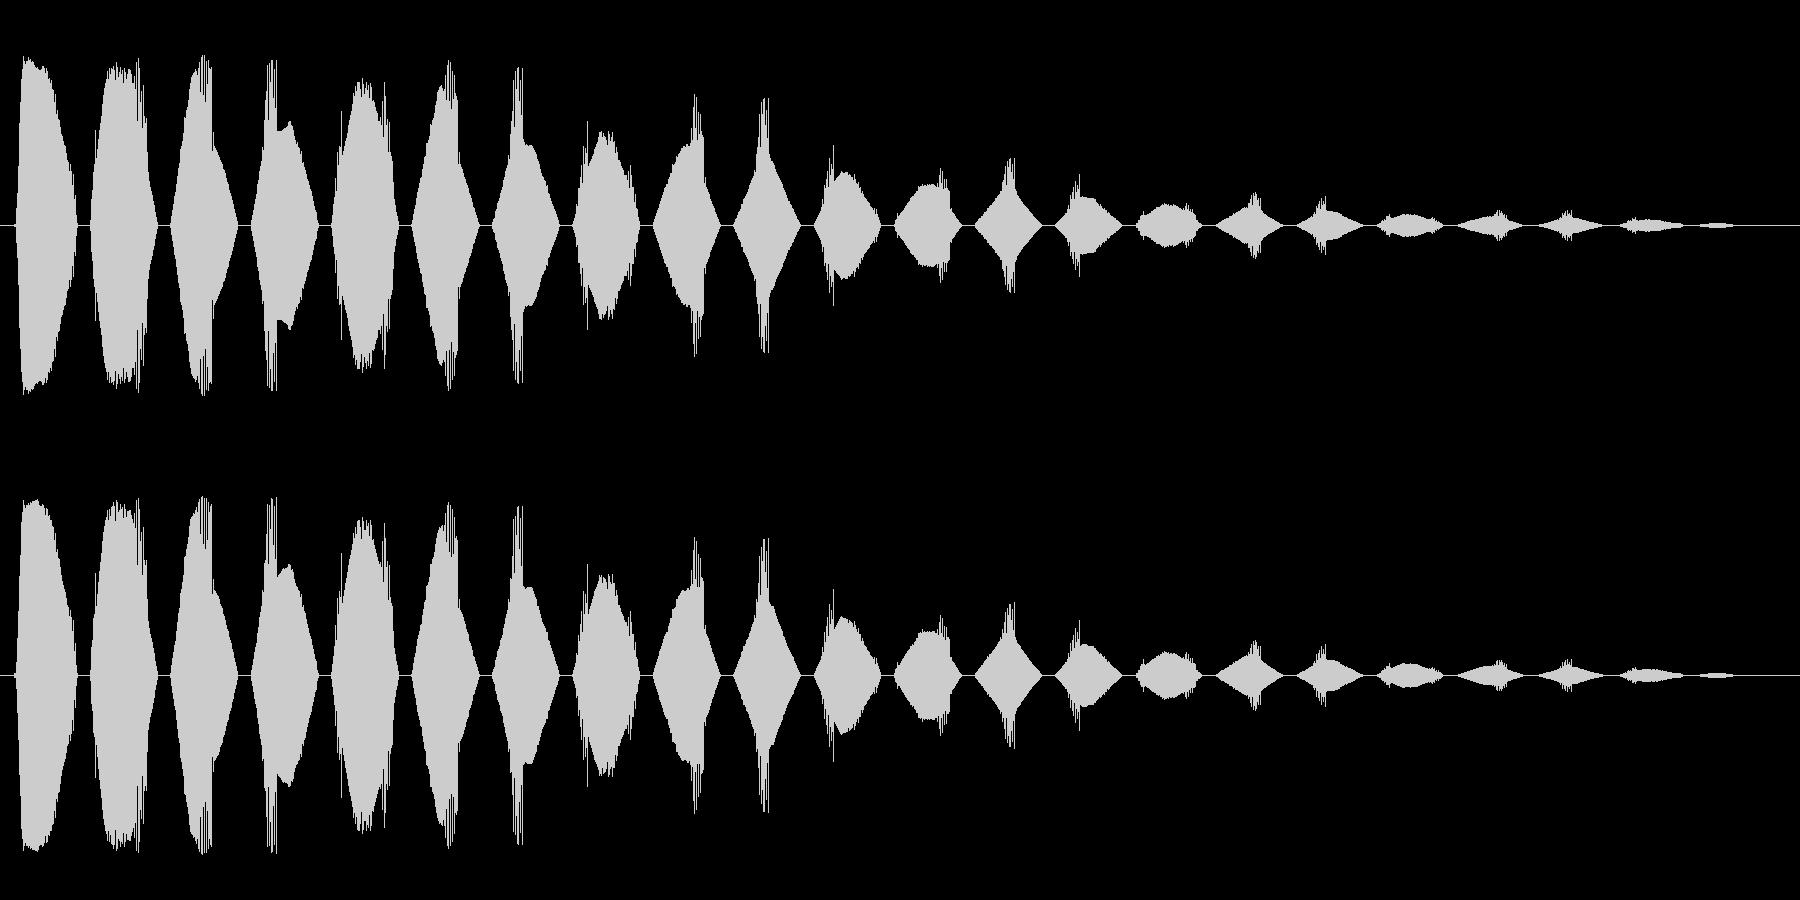 ヒラヒラヒラ(短い金属音の凝り返しの音)の未再生の波形